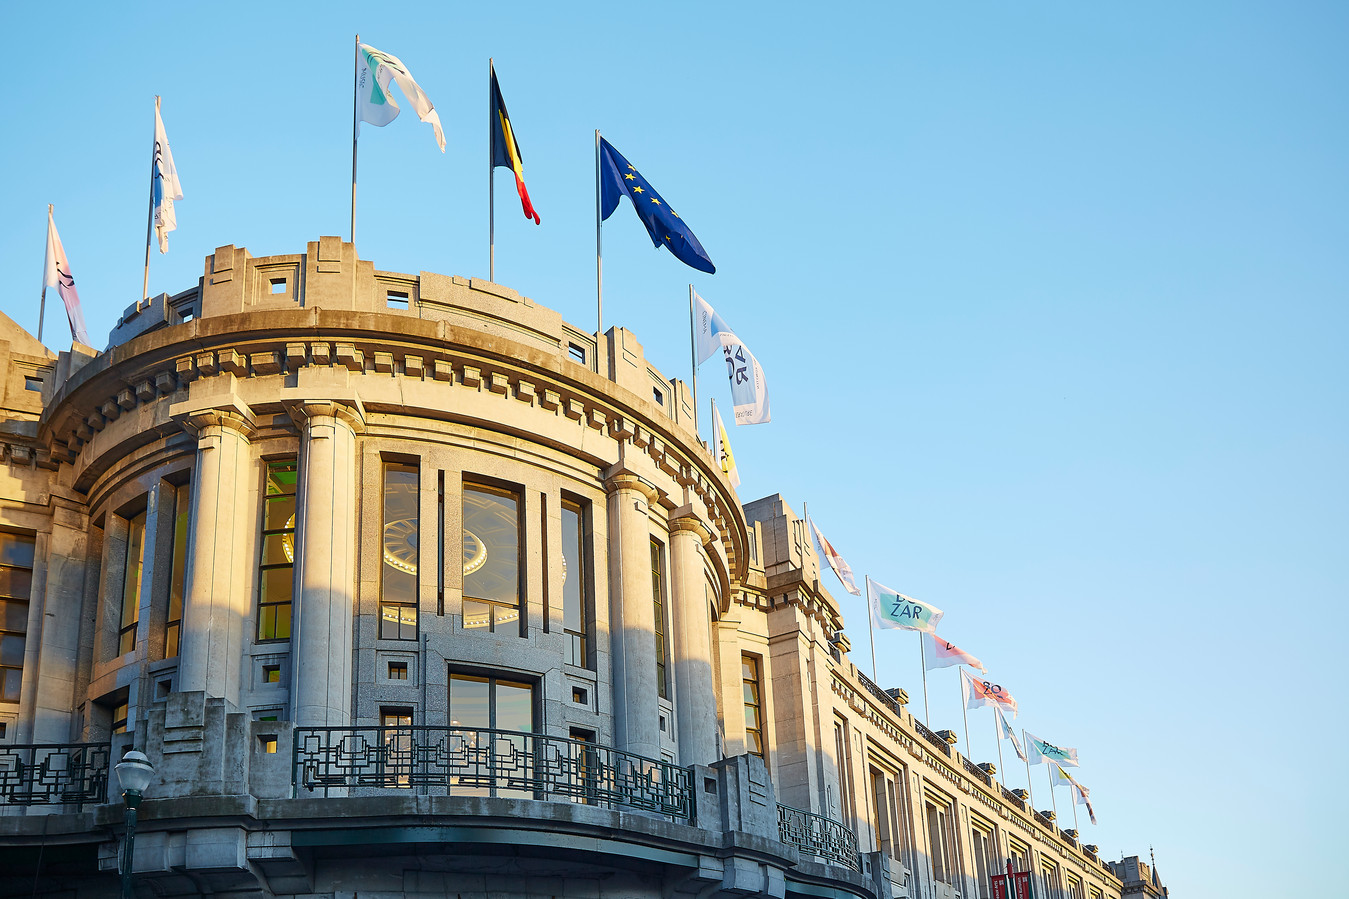 Horta heeft goed gekeken naar de andere paleizen in de hoofdstad bij zijn ontwerp: het Koninklijk Paleis, het Paleis der Natie en het Justitiepaleis.